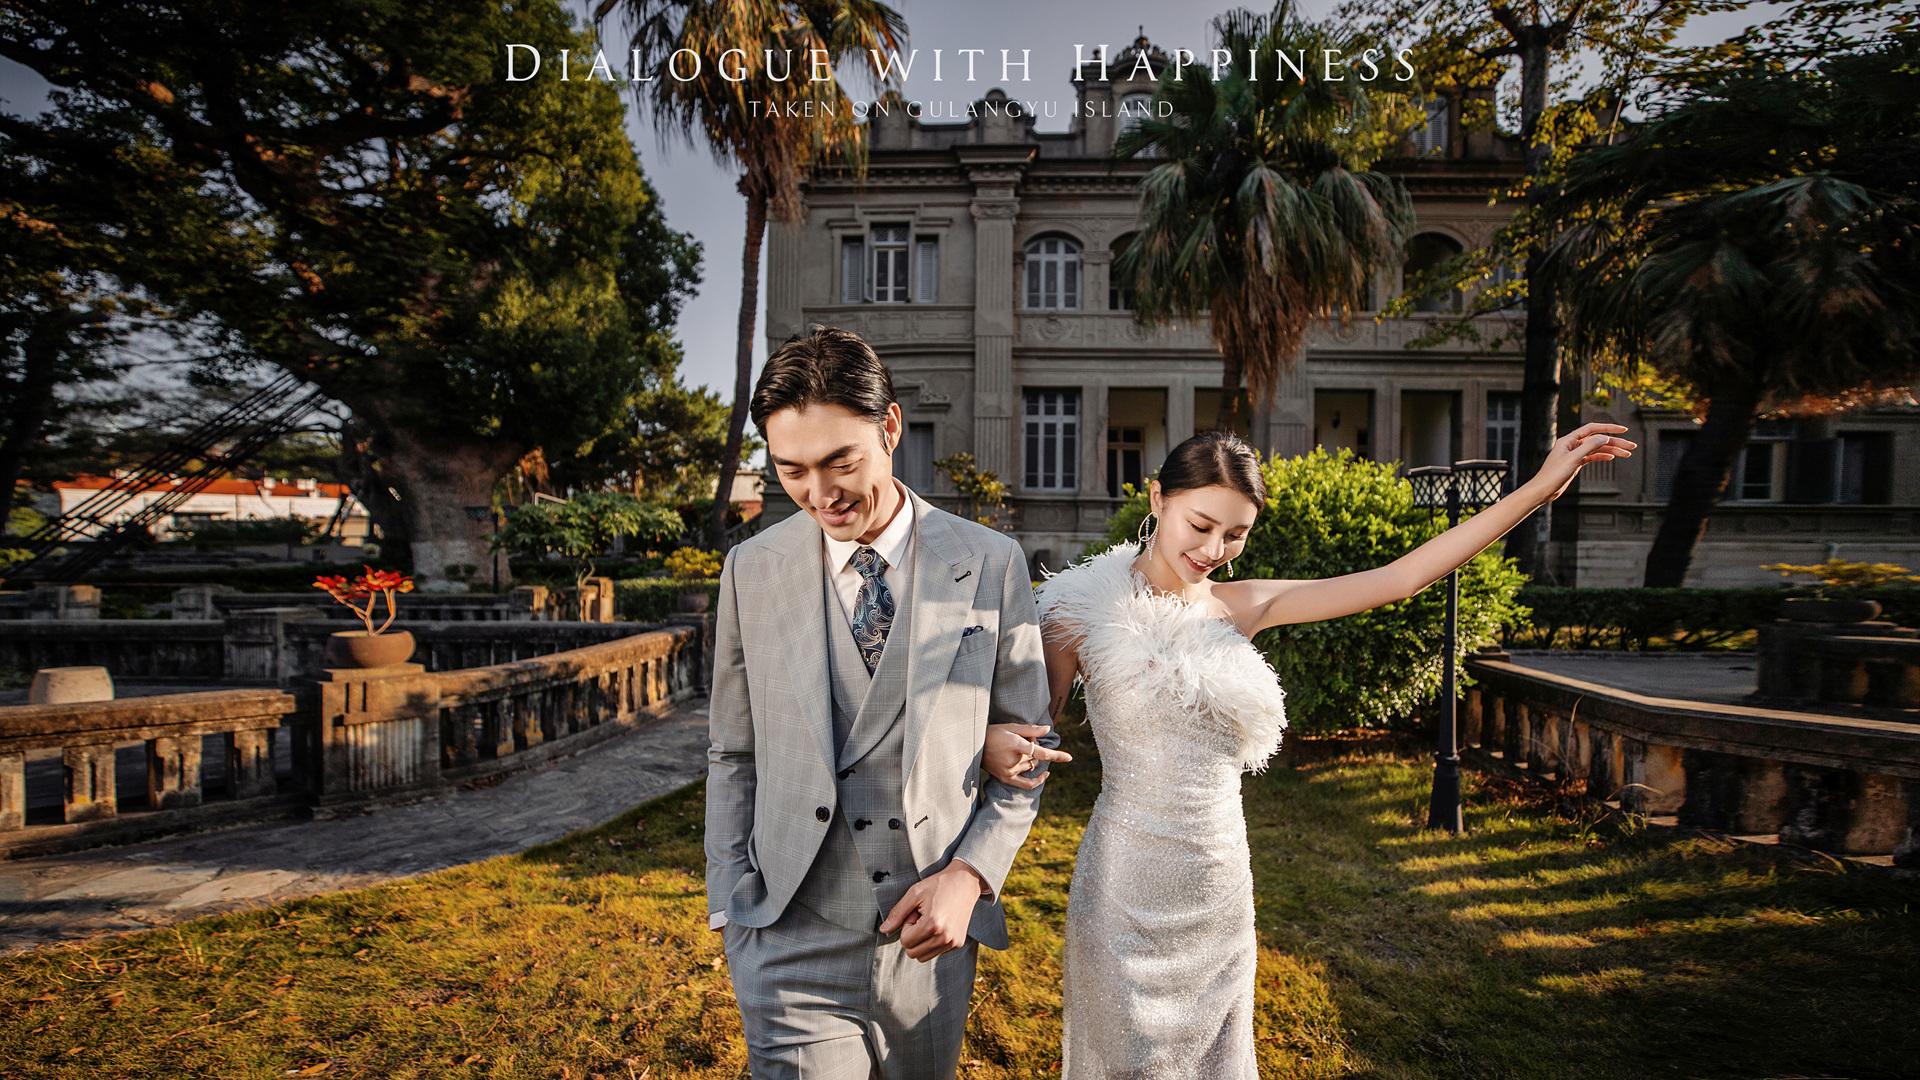 婚纱礼服怎么挑选 厦门婚纱照拍摄服装挑选建议有什么